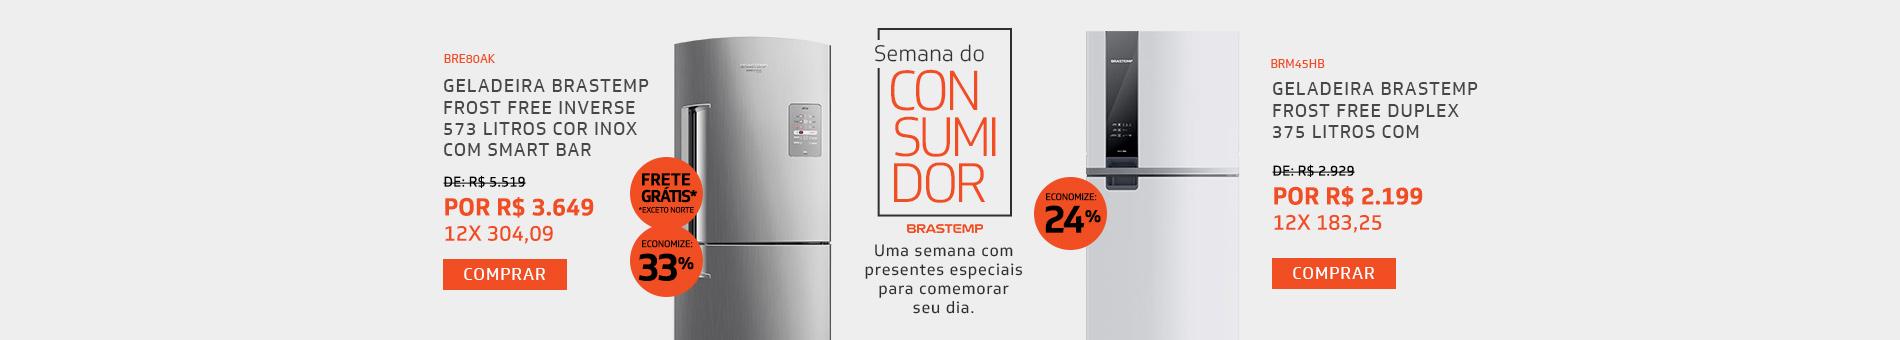 Promoção Interna - 2893 - campanha-semana-consumidor_BRE80AK-preco_11032019_home2 - BRM45HK-preco - 2